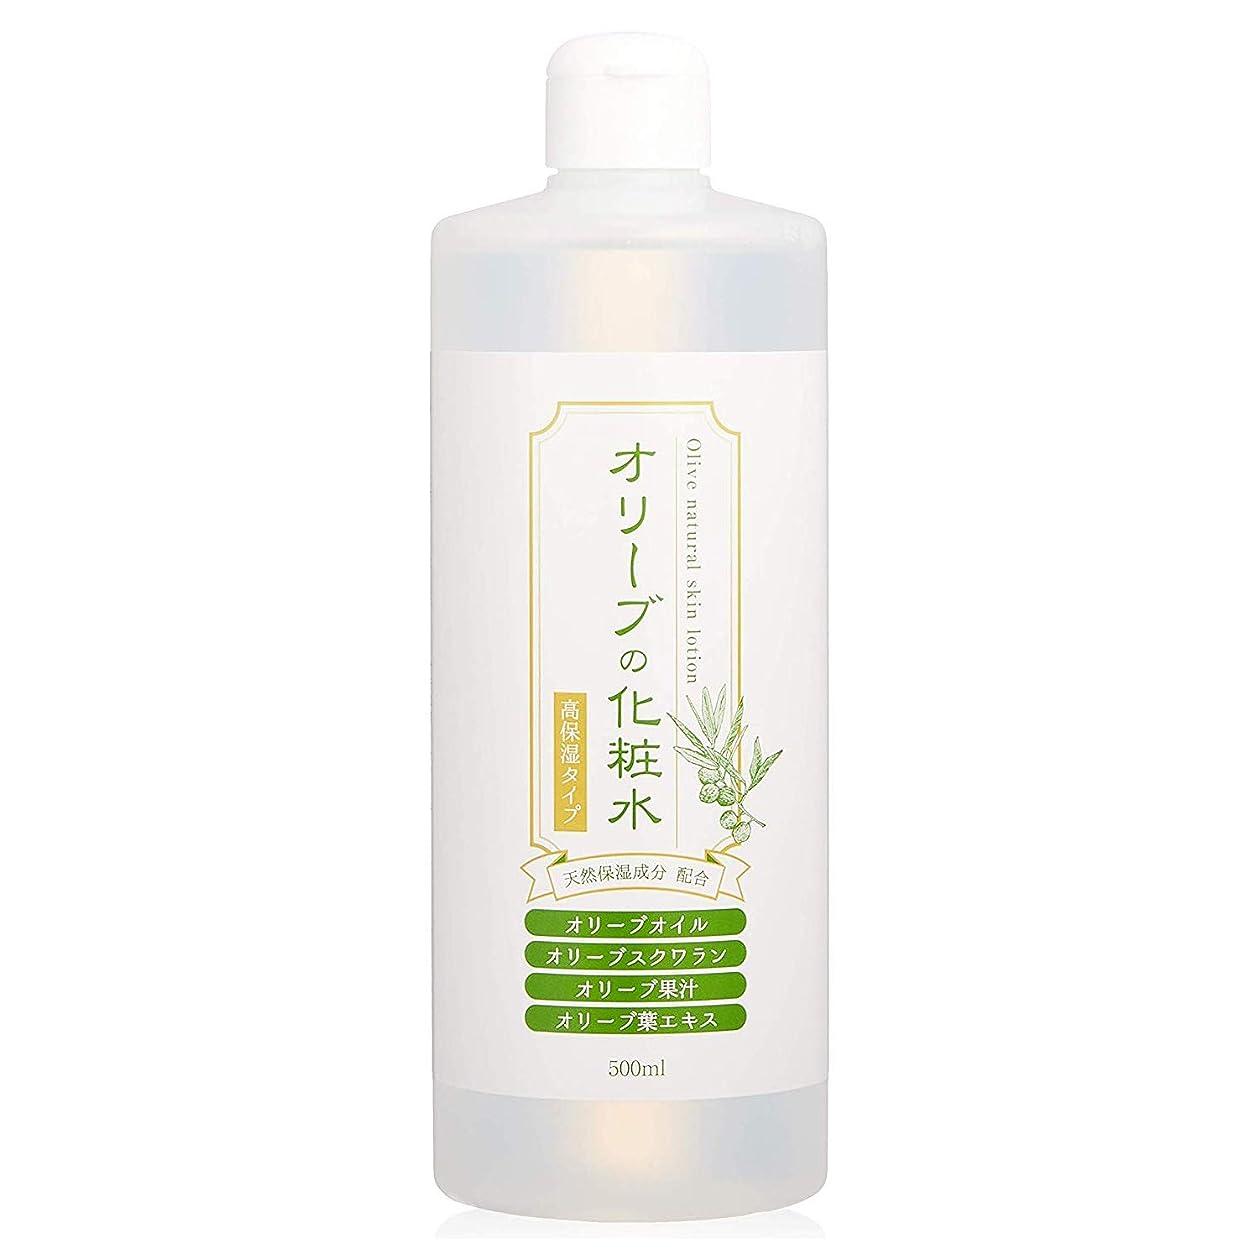 モーテル入札フレア日本オリーブ オリーブクリアローション 〈オリーブの化粧水〉 (500mL)